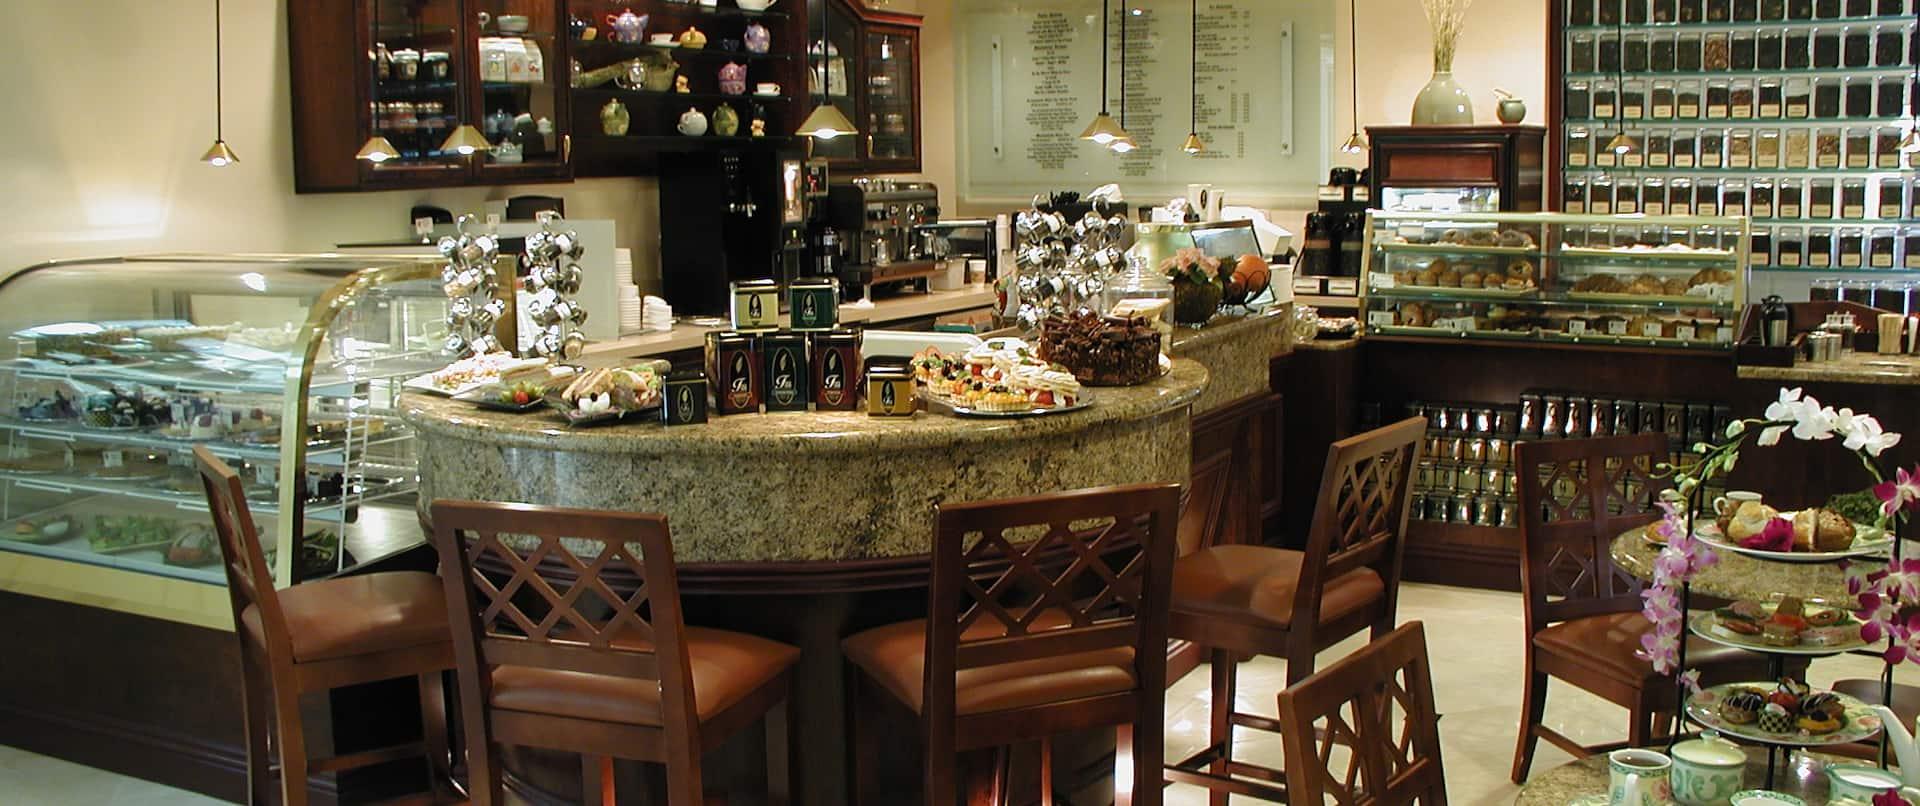 The Tea Tree Cafe